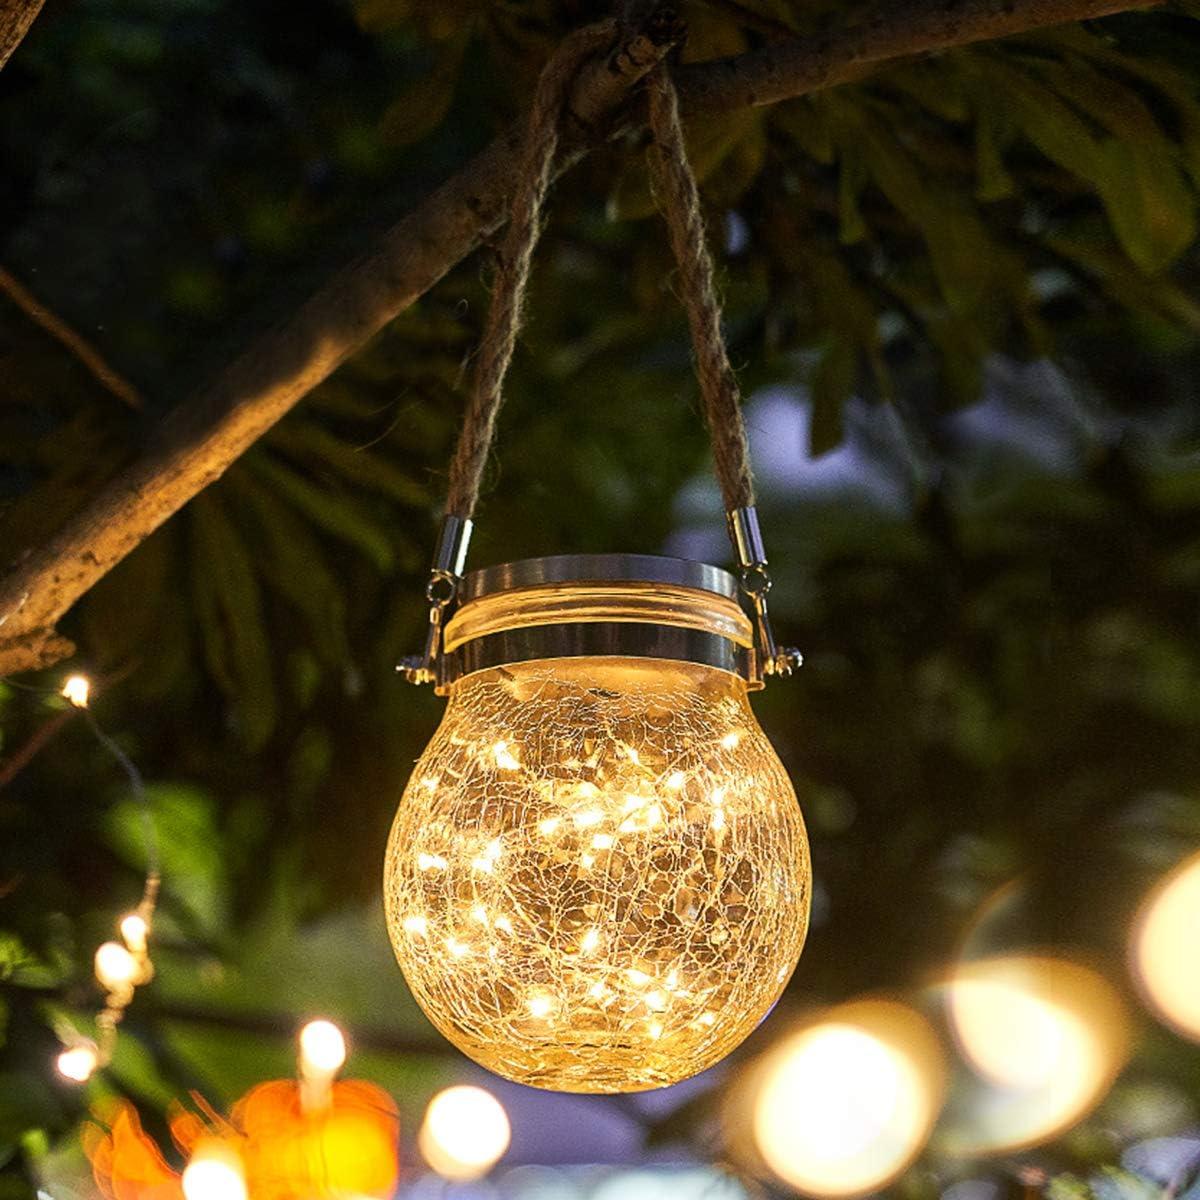 Luces De Jardin Solares,Qomolo 30 LED Luz Jardín IP65 Impermeable Exterior Solar Decoración Lámpara Jar Lampara Iluminación Para Terraza, Césped, Patio, Fiesta,Camino de Entrada, Escaleras